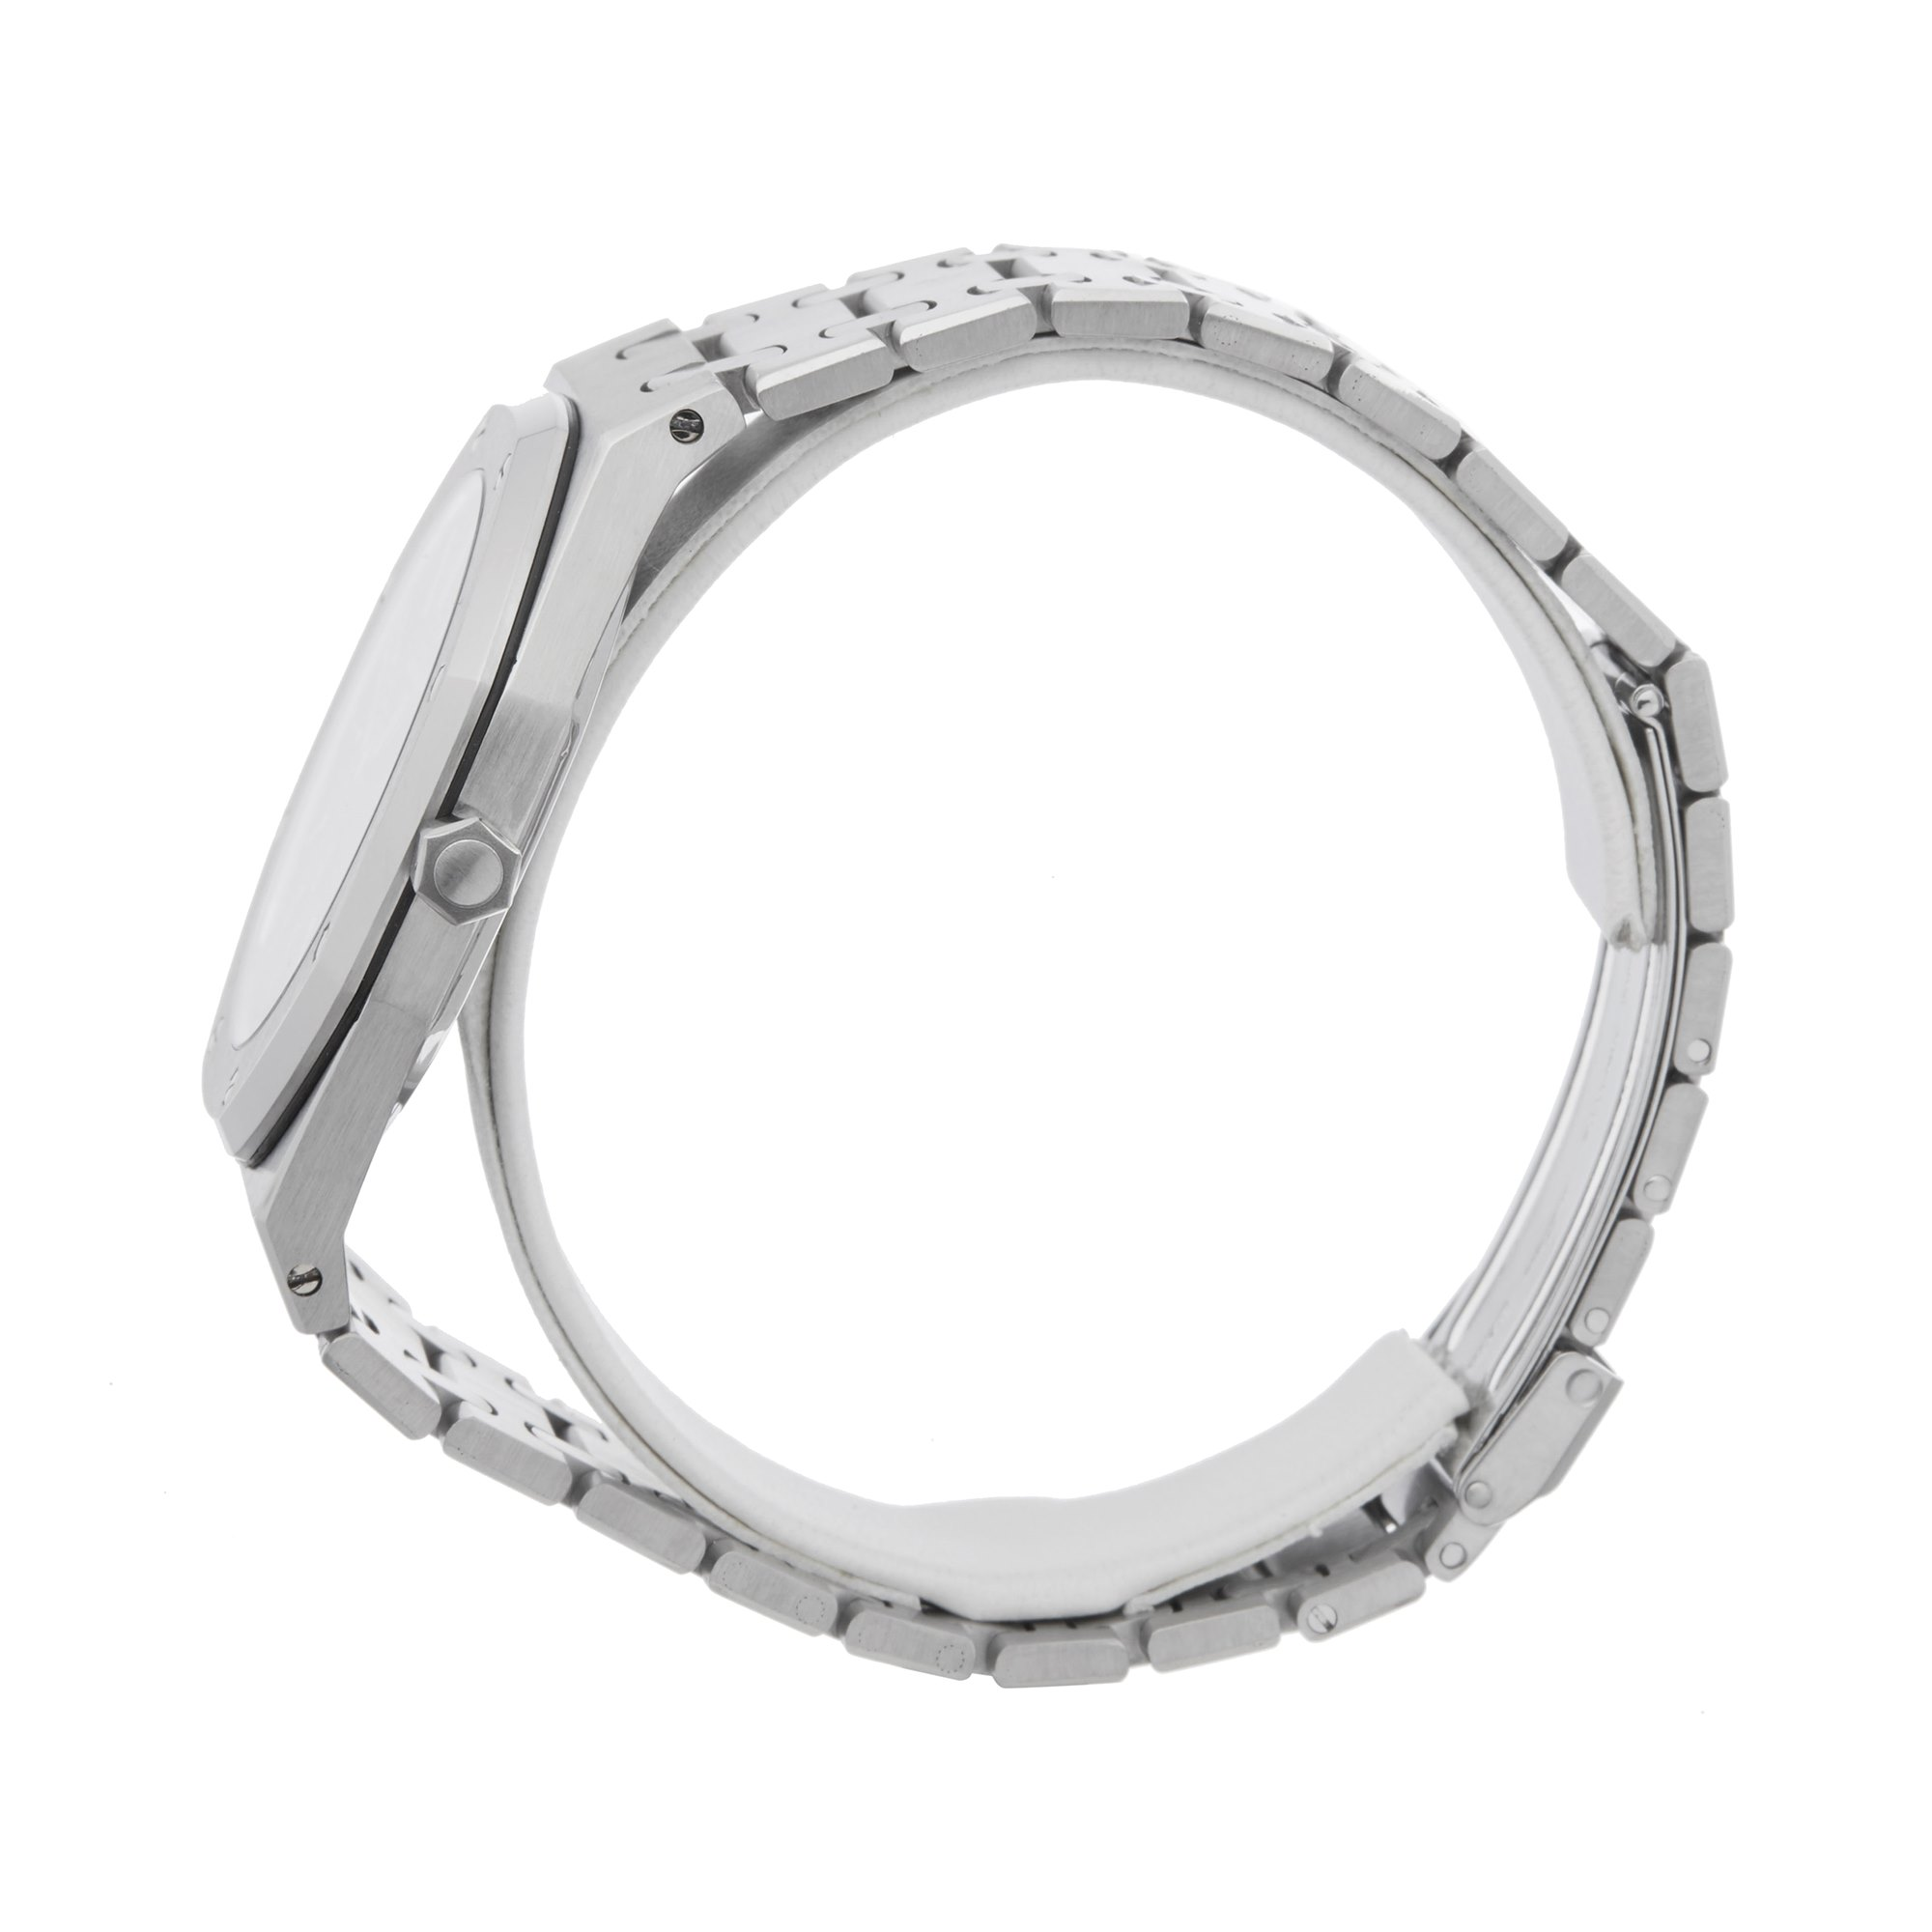 Audemars Piguet Royal Oak Stainless Steel 5402